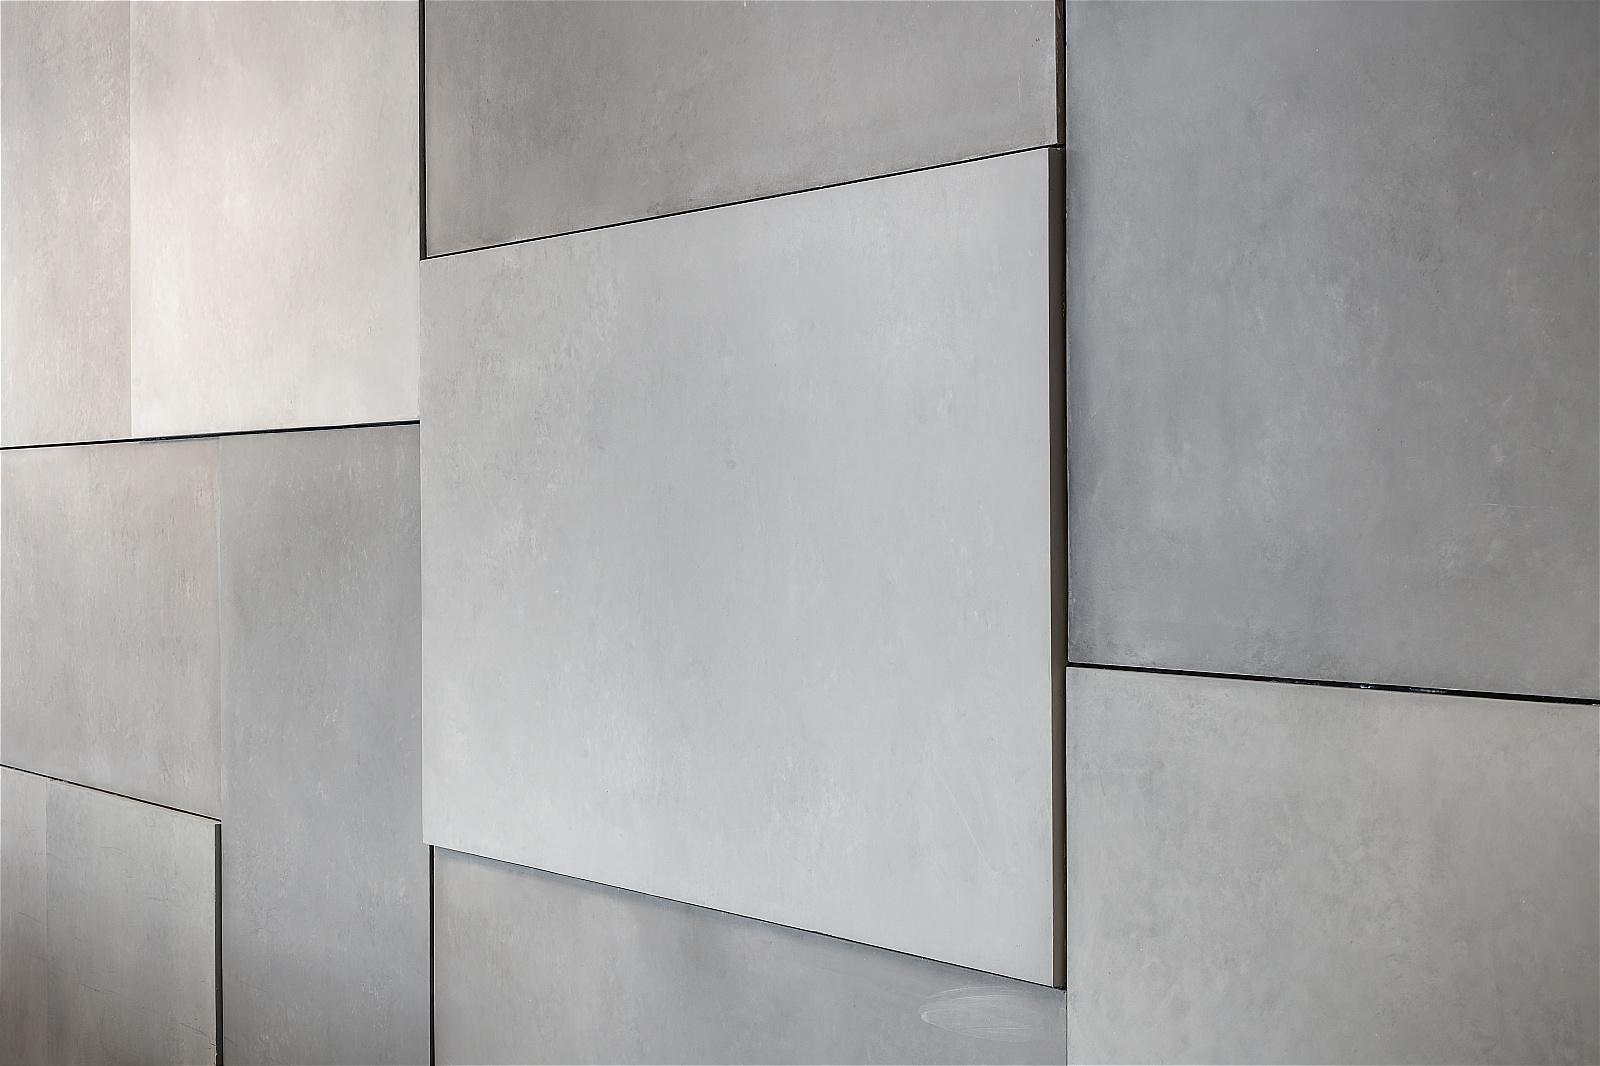 עיצוב בבטון